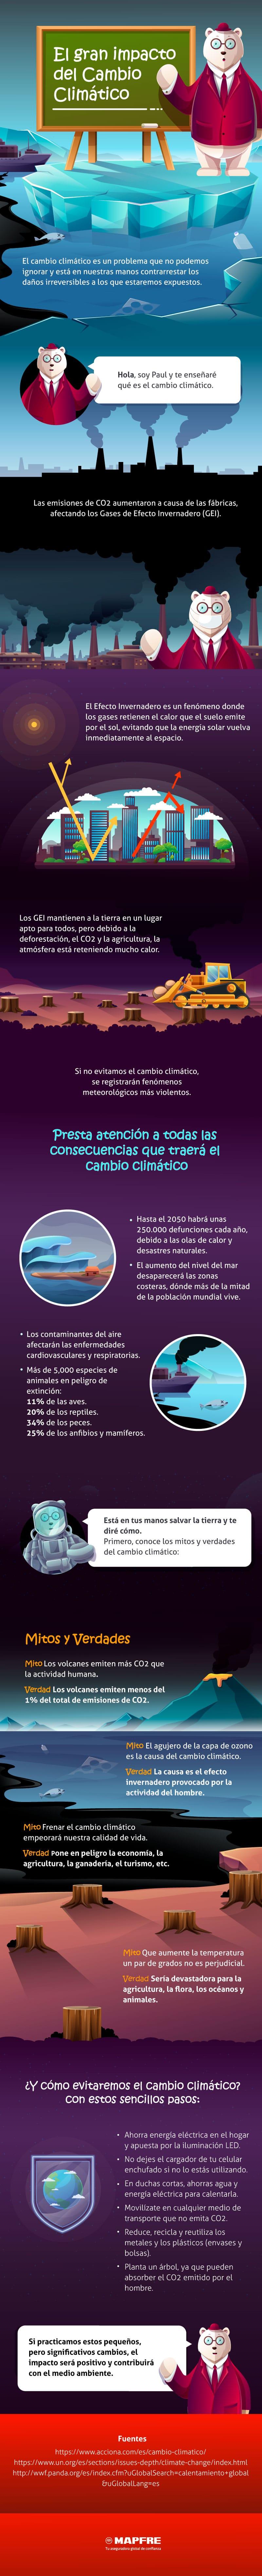 El gran impacto del Cambio Climático